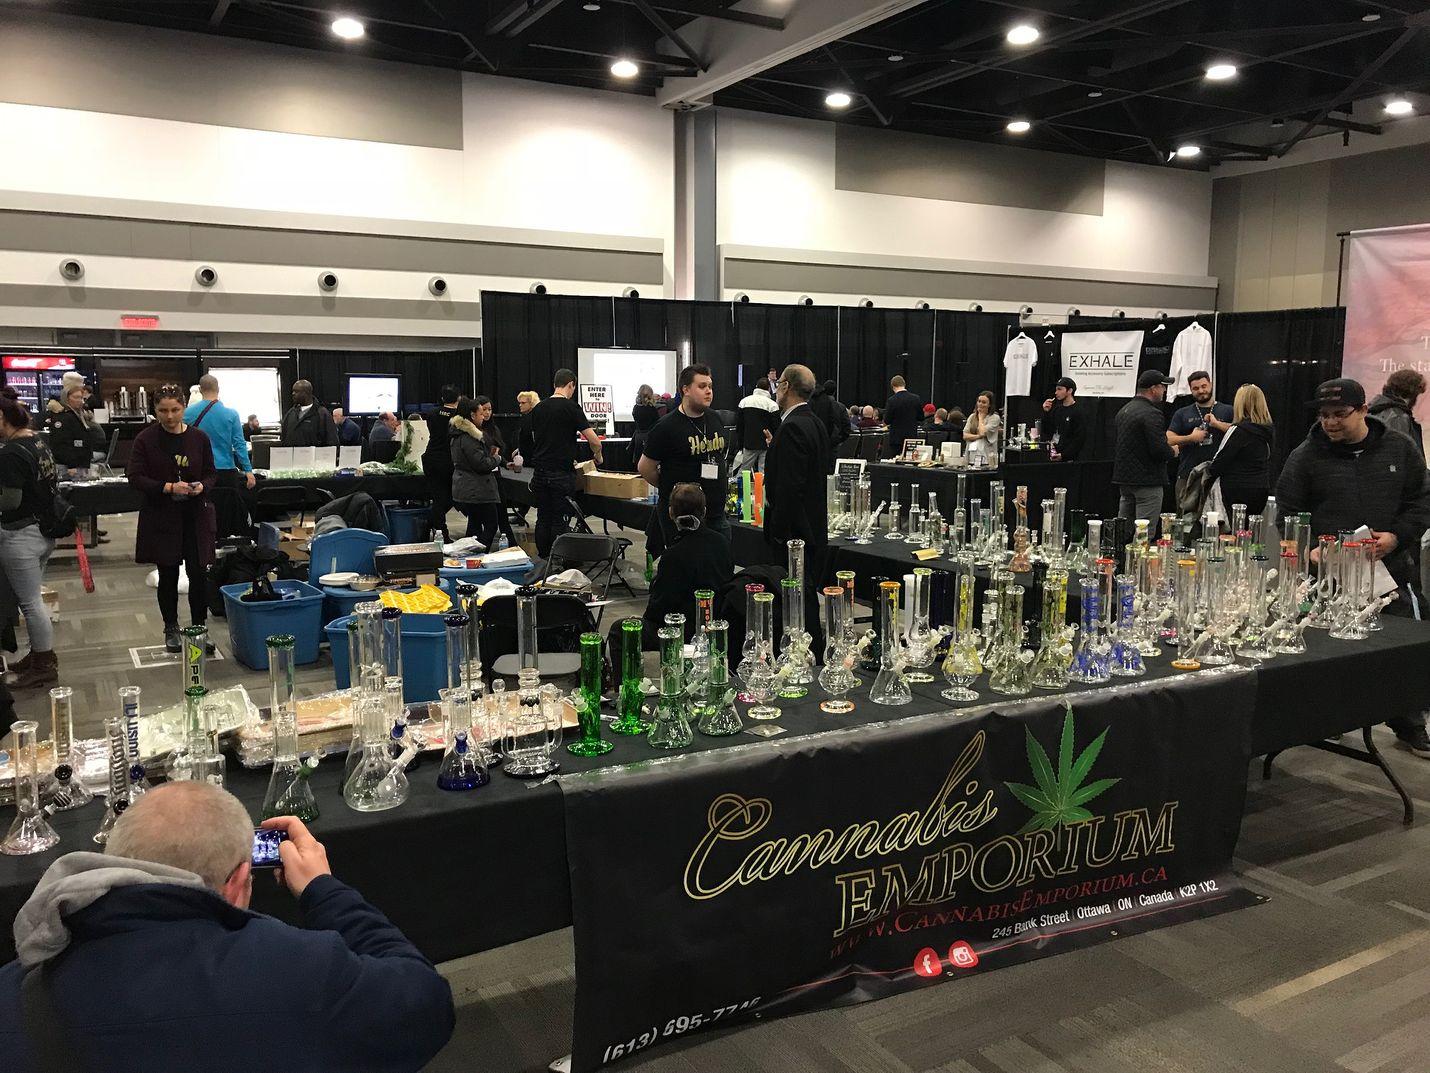 Kanadassa kannabis- ja hamppuala on laillistettu niin pitkälle, että pääkaupunki Ottawan päämessukeskuksessa järjestettiin marraskuussa alan tuotteisiin erikoistunut messutapahtuma Cannabis & Hemp Expo. Näytteillä ja myytävänä oli käyttövälineitä ja esimerkiksi kannabiksen tuoksuisia Wunderbaum-versioita.